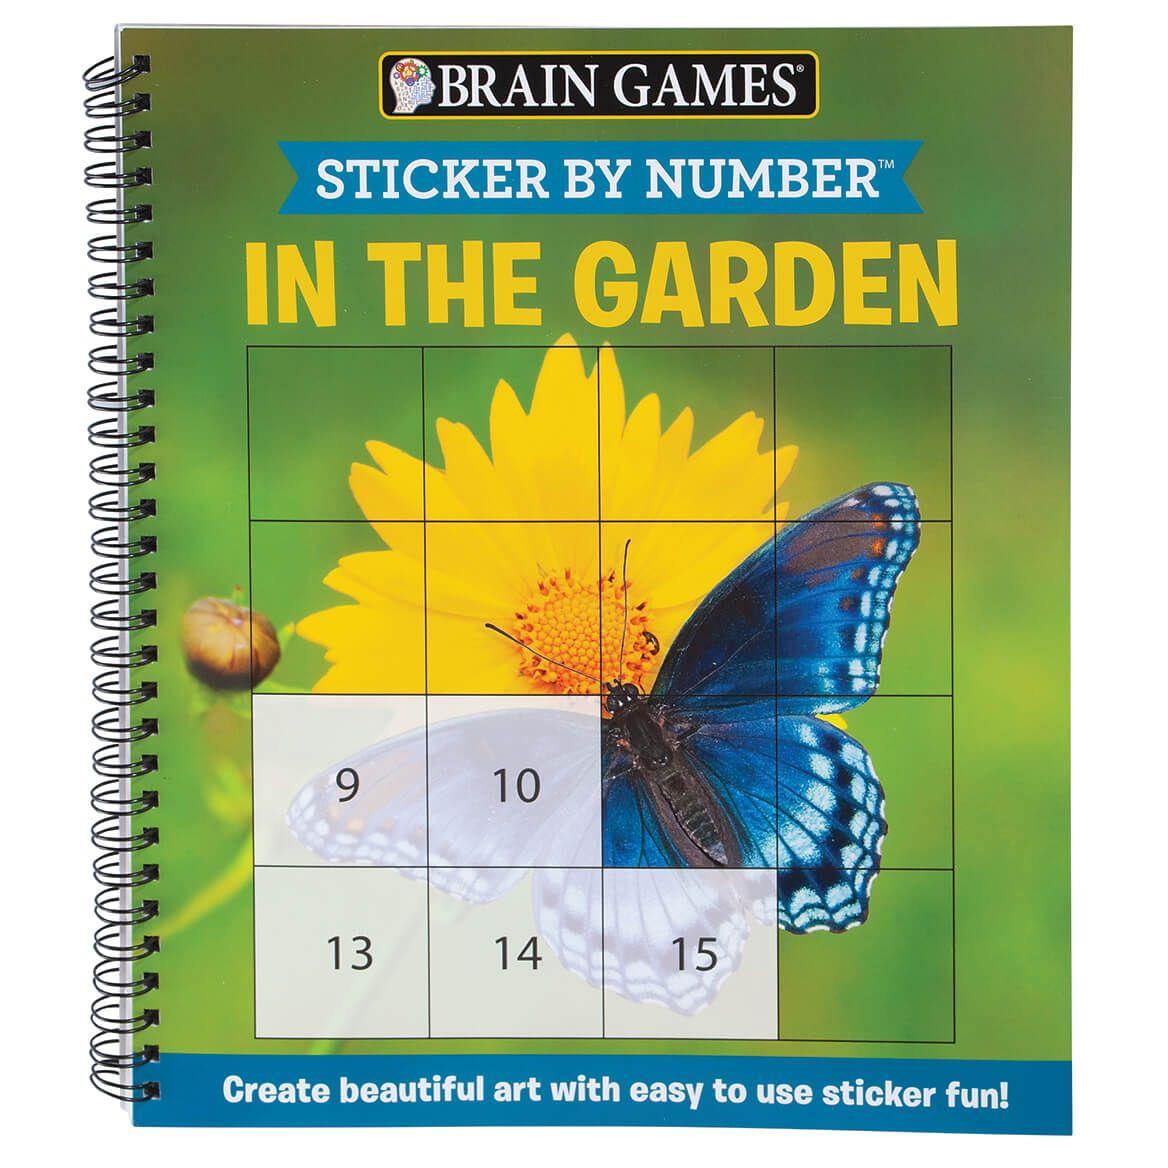 Brain Games® Sticker by Number In The Garden Book-370345